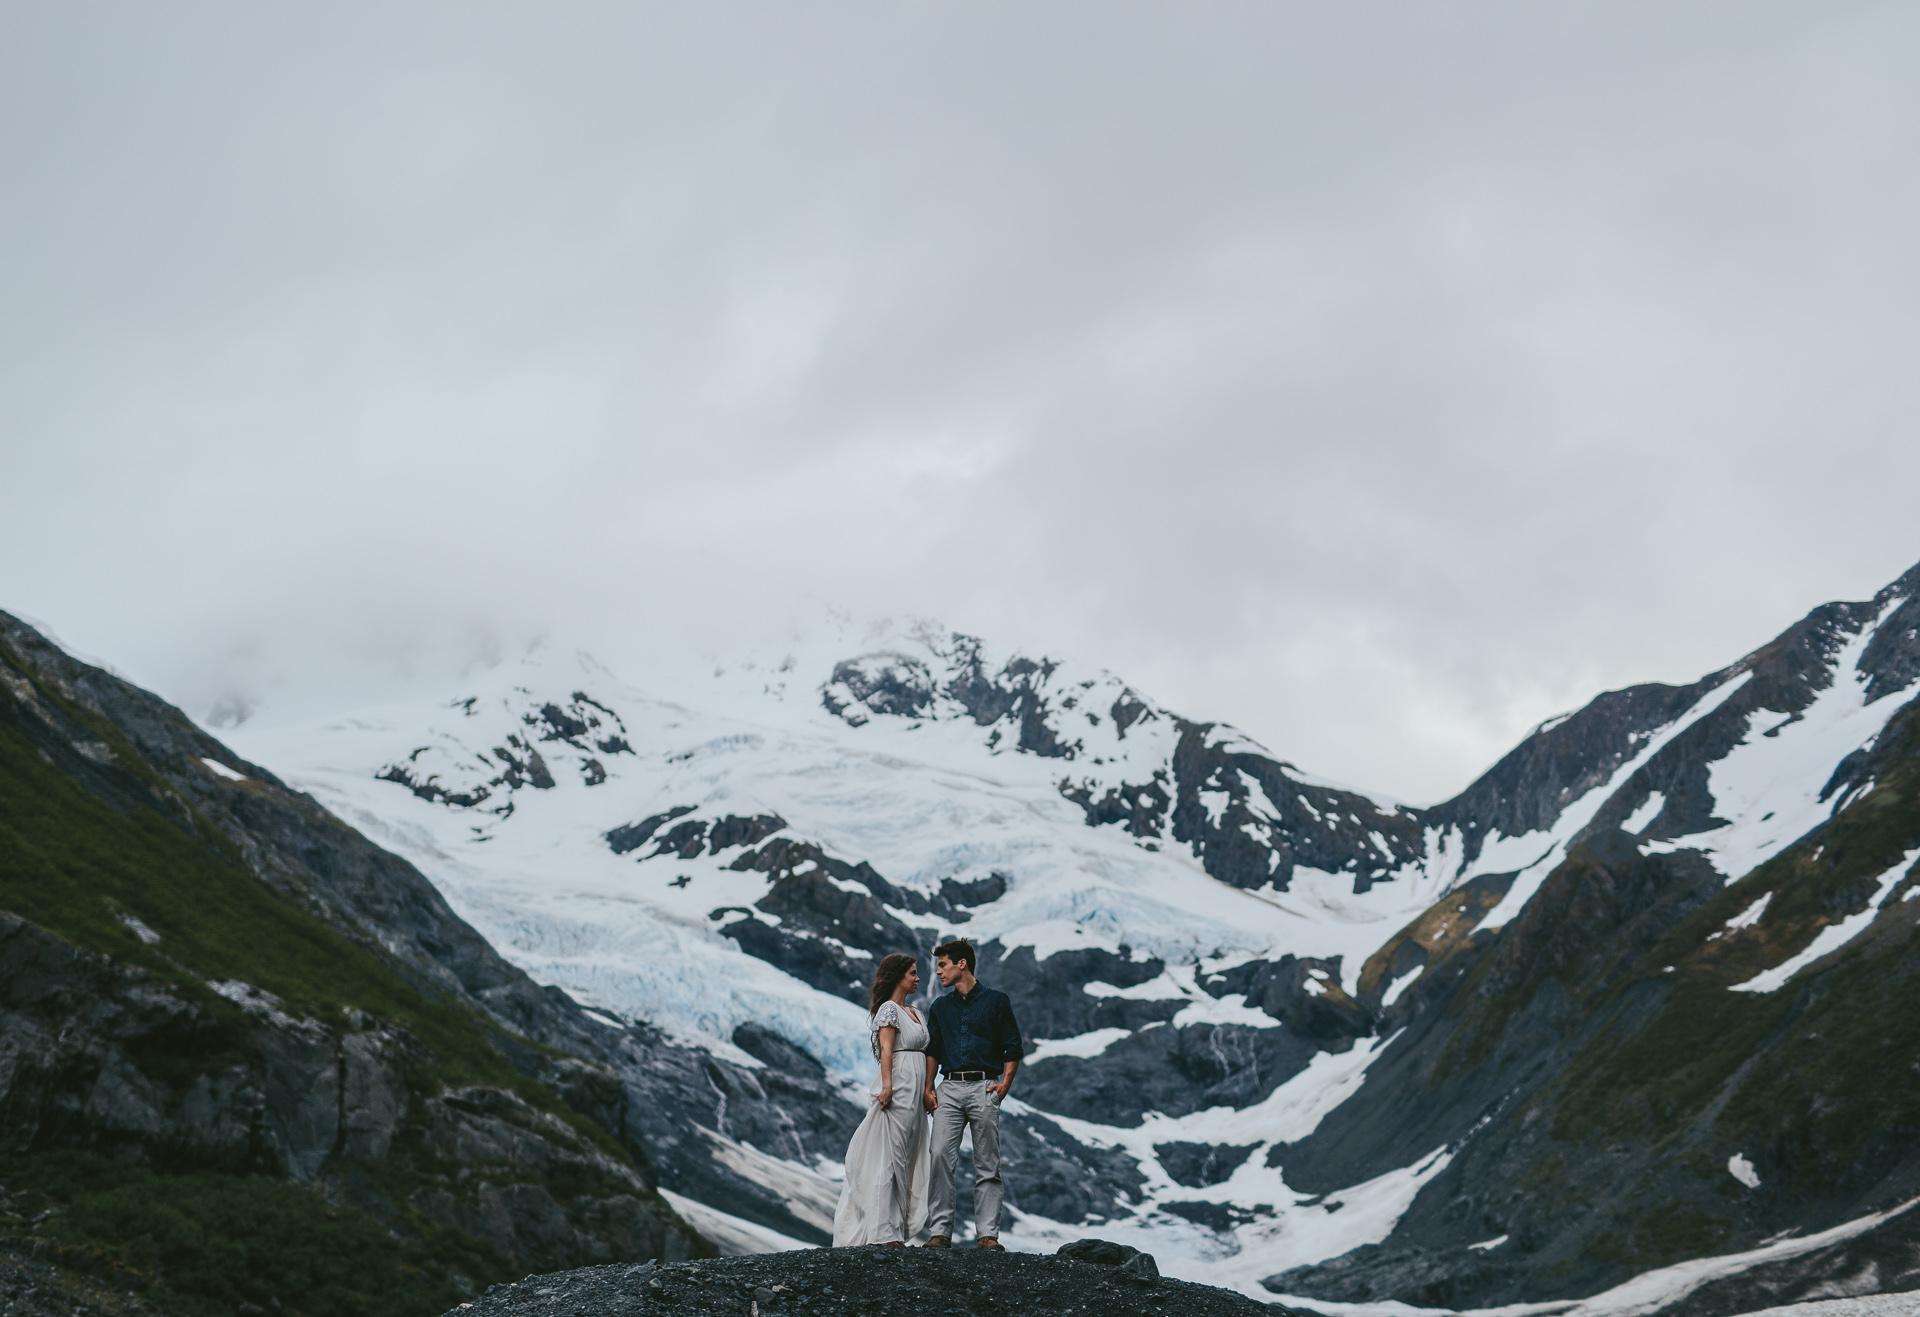 jess-hunter-photographer-alaska-destination-elopement-6197.jpg